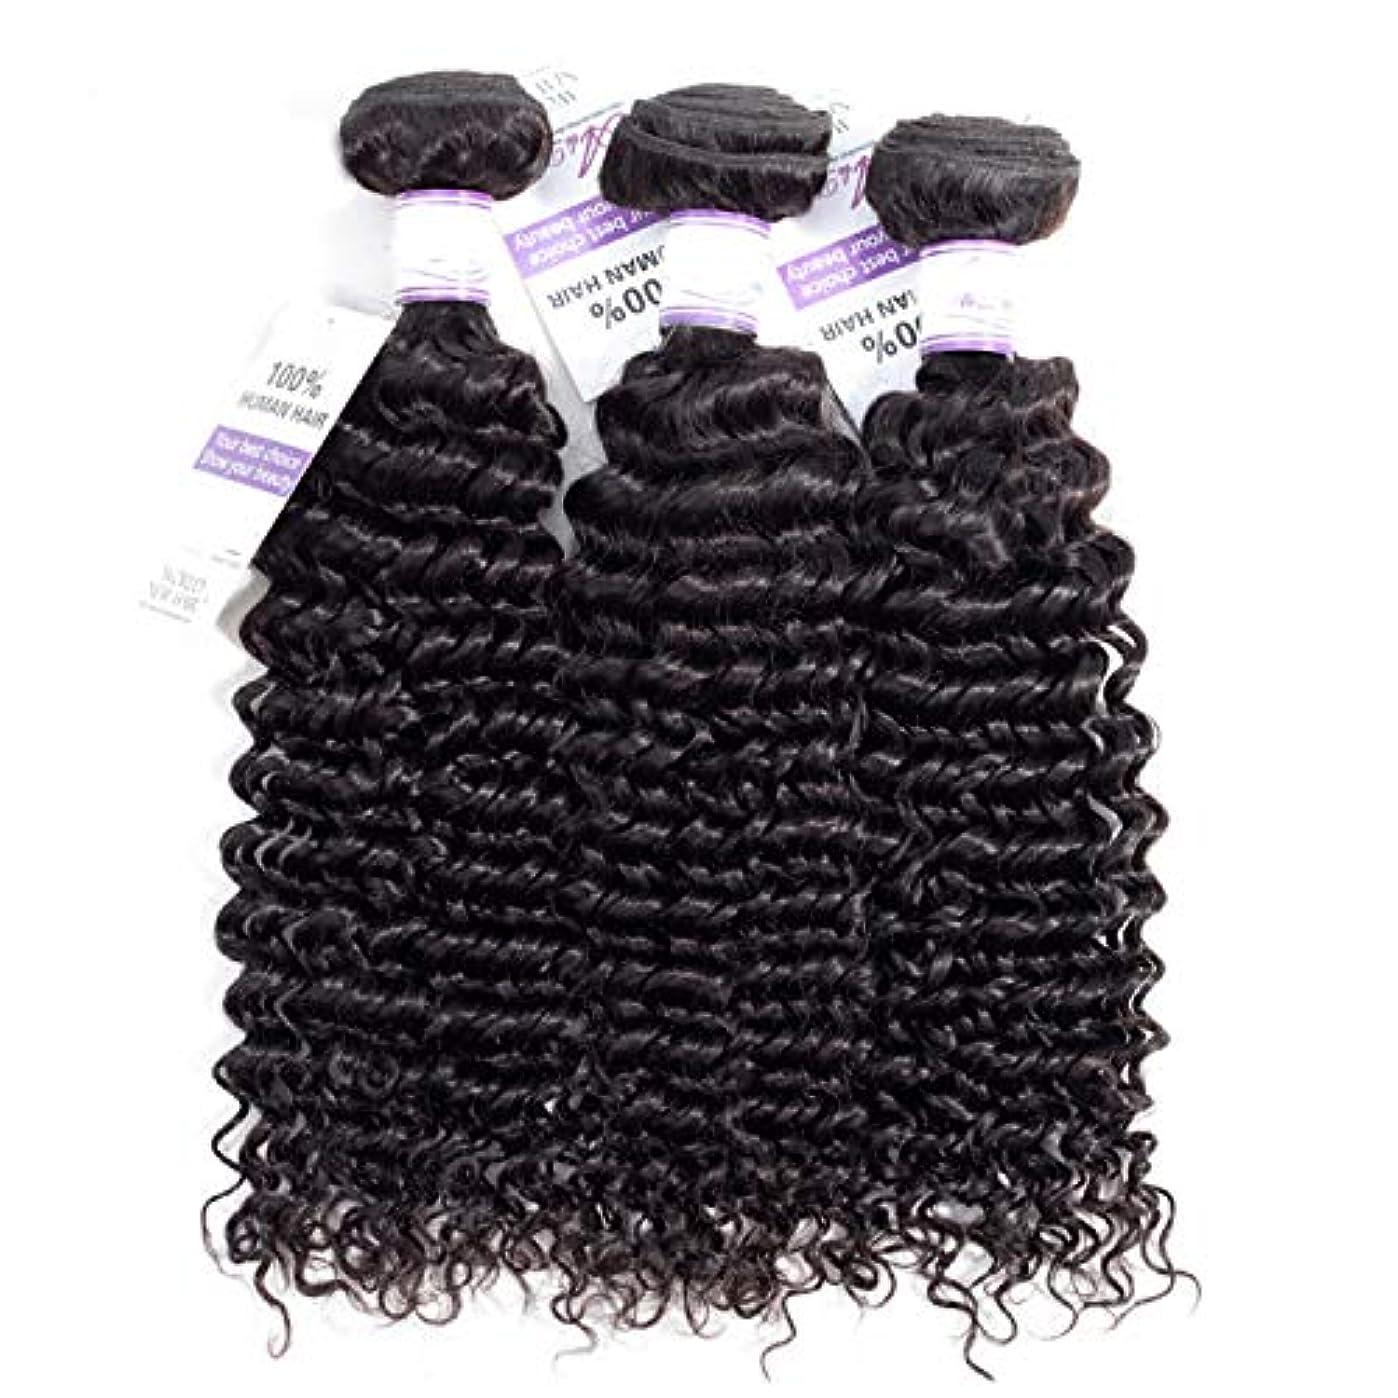 哺乳類ズボンショートカットブラジルのディープウェーブヘア織りバンドル100%人毛製織ナチュラルカラー非レミー髪は3個購入することができます (Stretched Length : 16 16 16 inches)